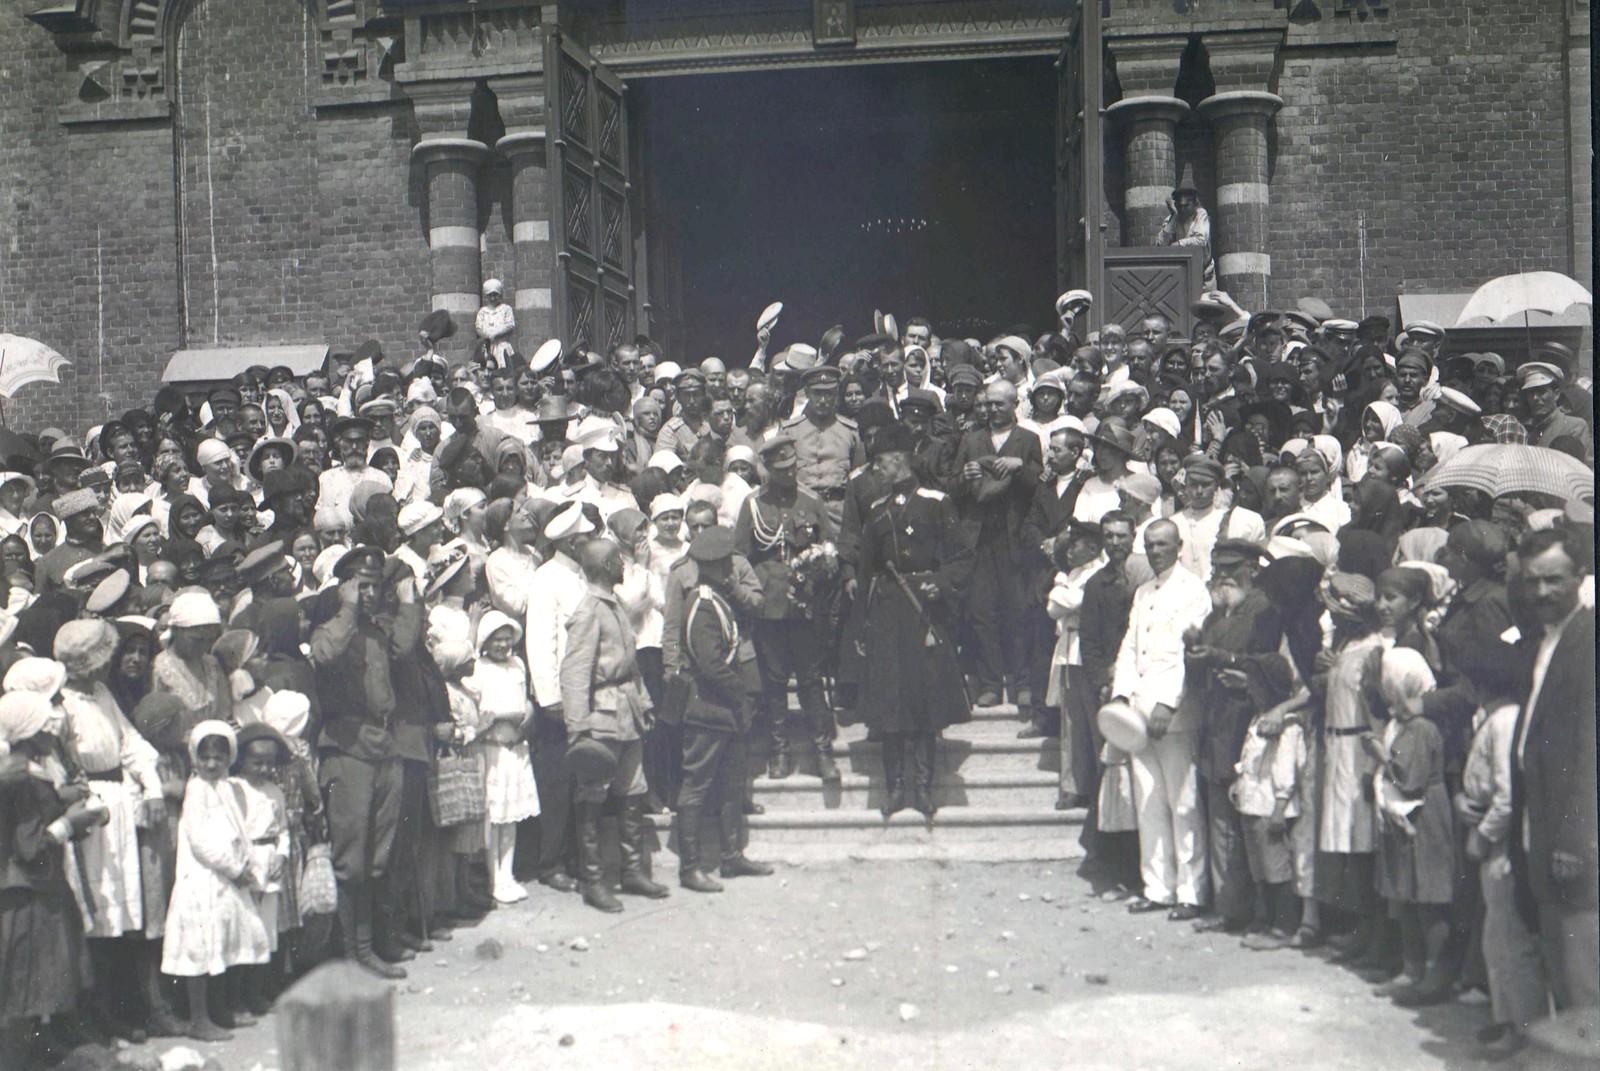 243. Генерал П.Н. Врангель выходит после богослужения из Александро-Невского собора. Царицын, 15 октября